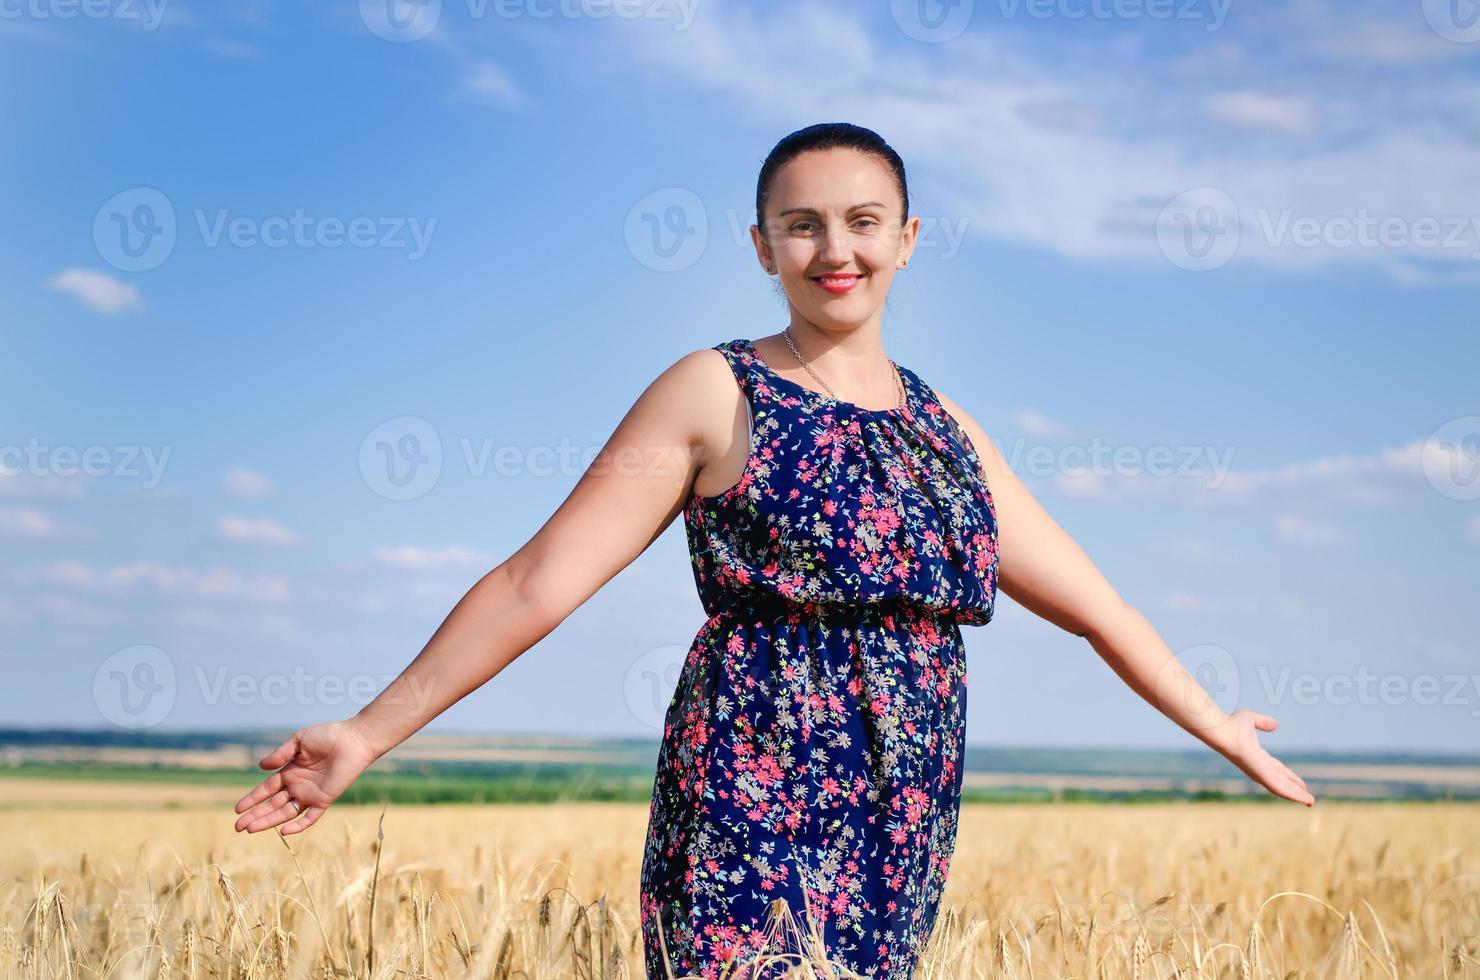 staande vrouw genieten van de zon in een tarweveld foto